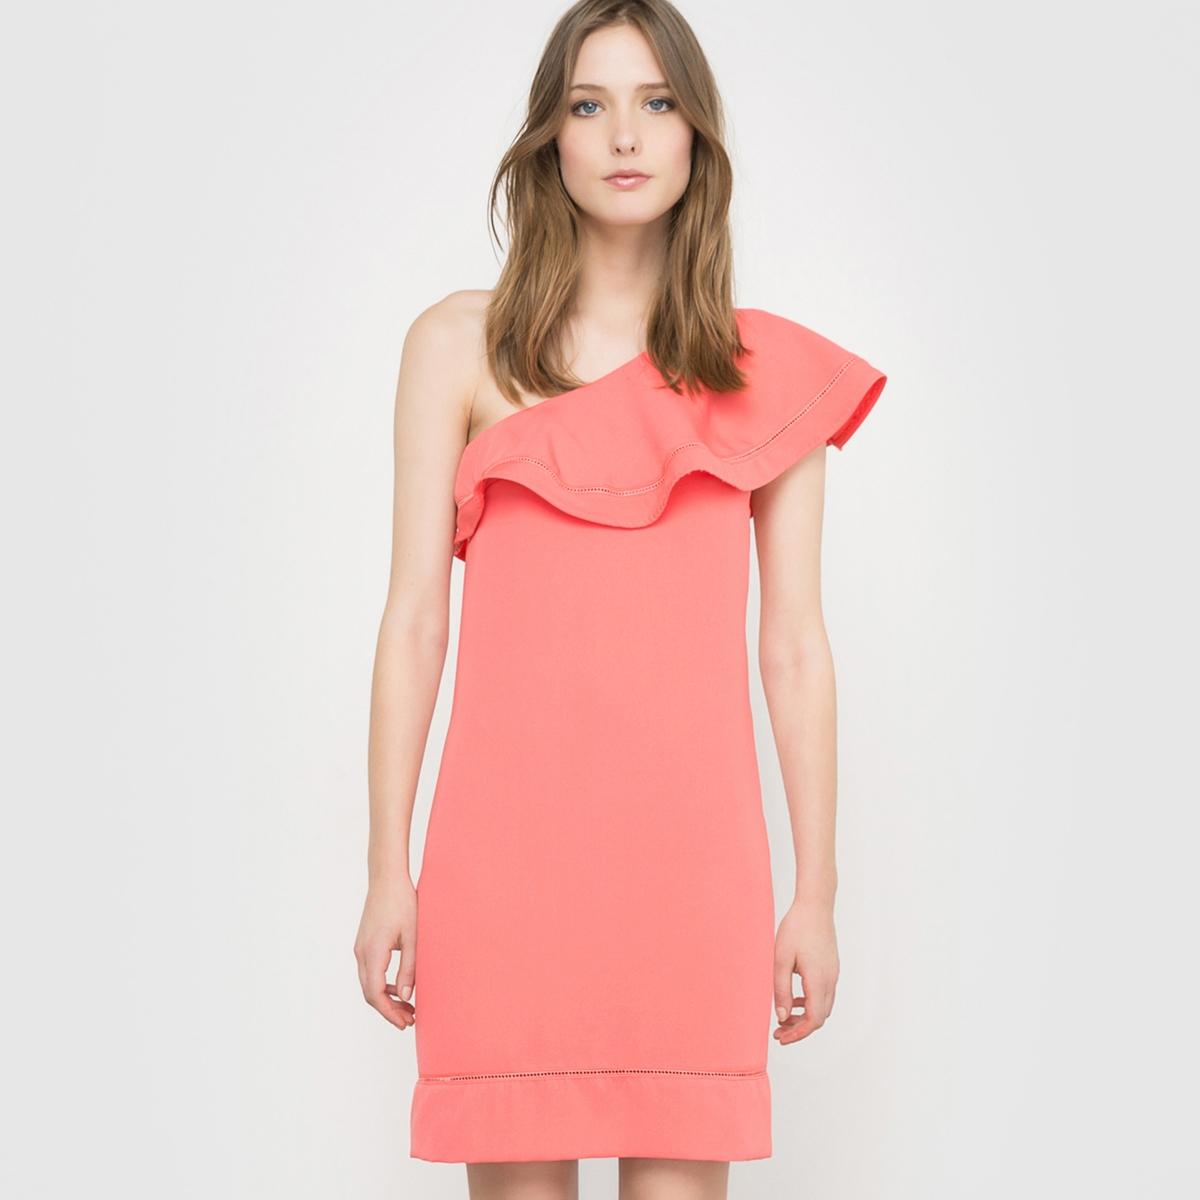 Платье вечернееСостав и описание : Материал : 100% полиэстерДлина : 90 см<br><br>Цвет: коралловый<br>Размер: 34 (FR) - 40 (RUS).40 (FR) - 46 (RUS).38 (FR) - 44 (RUS).36 (FR) - 42 (RUS)